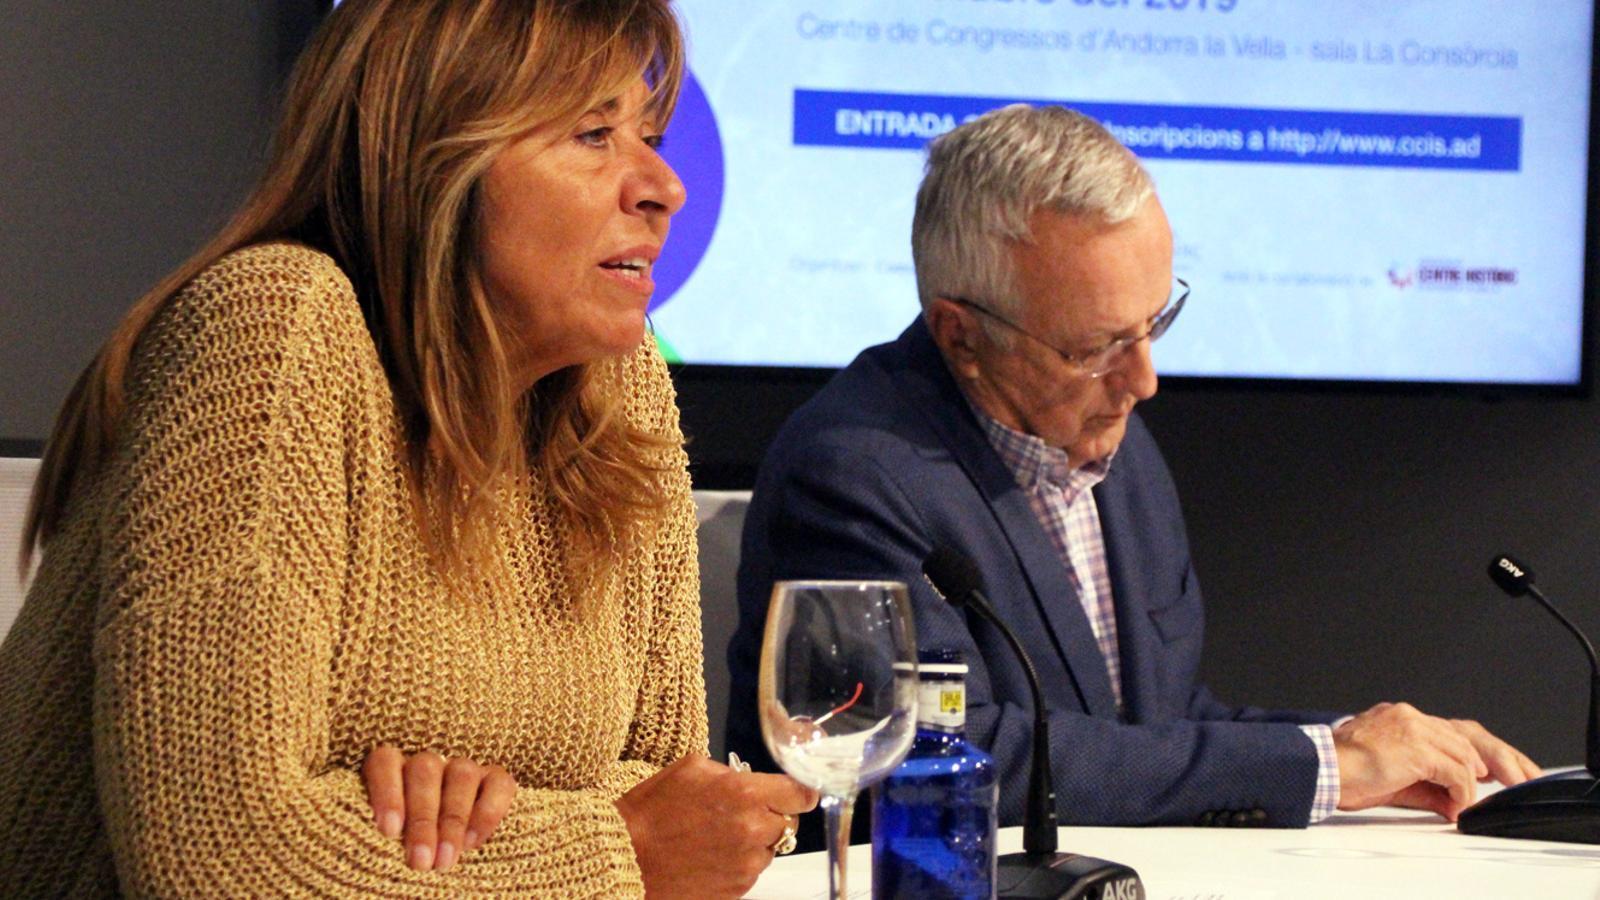 La cònsol major d'Andorra la Vella, Conxita Marsol, i el president de la Cambra de Comerç, Miquel Armengol, durant la presentació de la jornada. / M. P. (ANA)